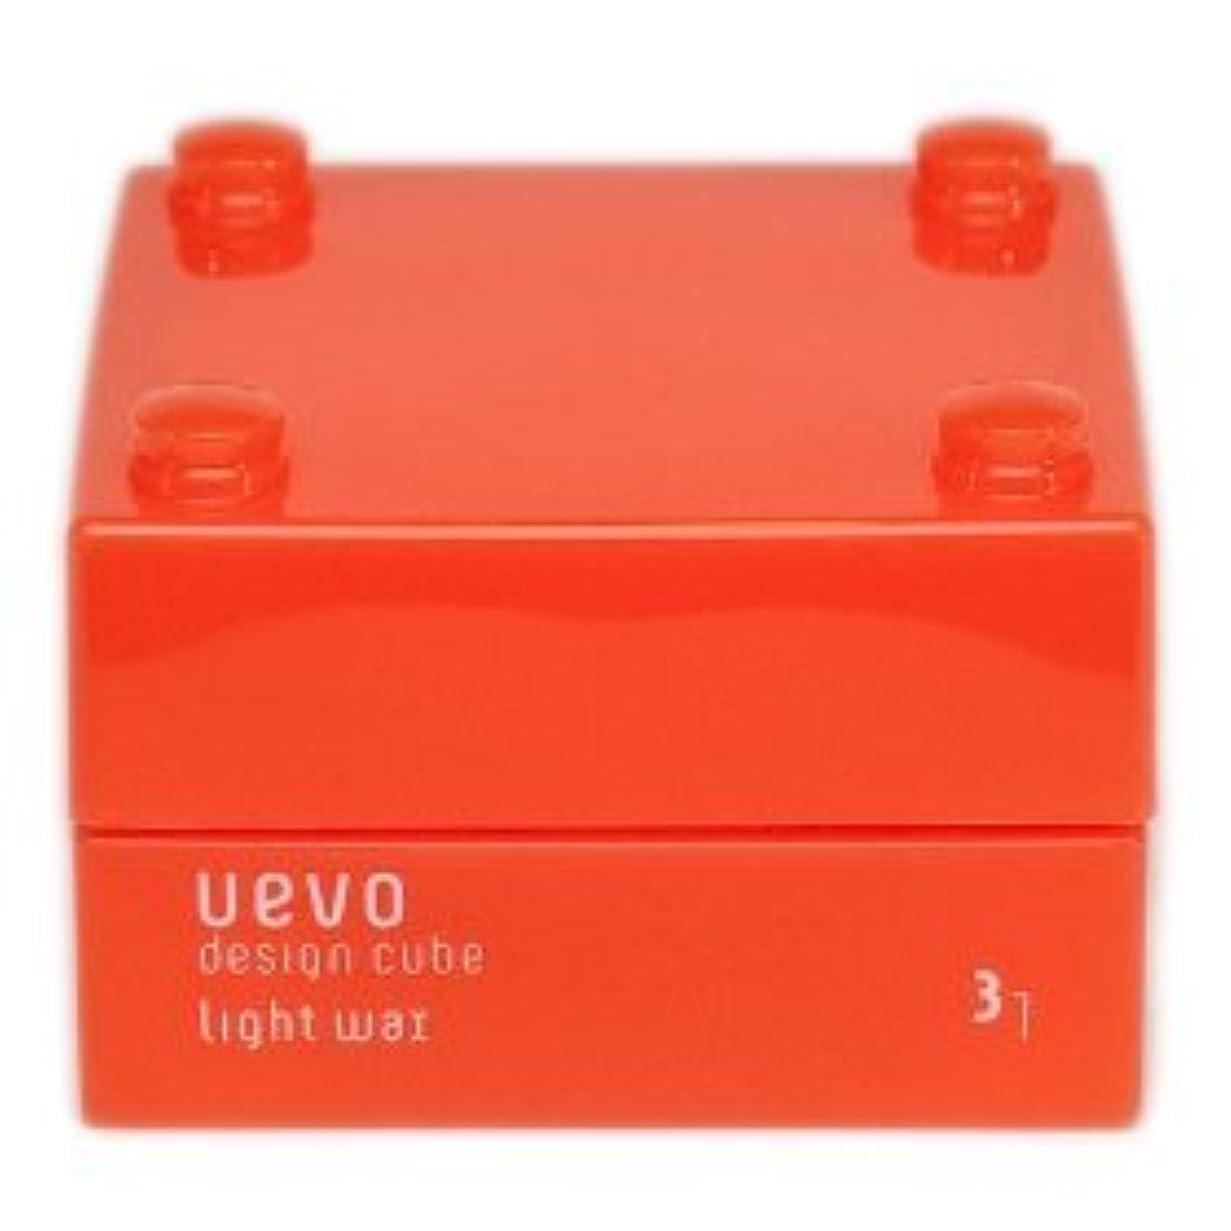 エレクトロニックオーディションバンケット【X3個セット】 デミ ウェーボ デザインキューブ ライトワックス 30g